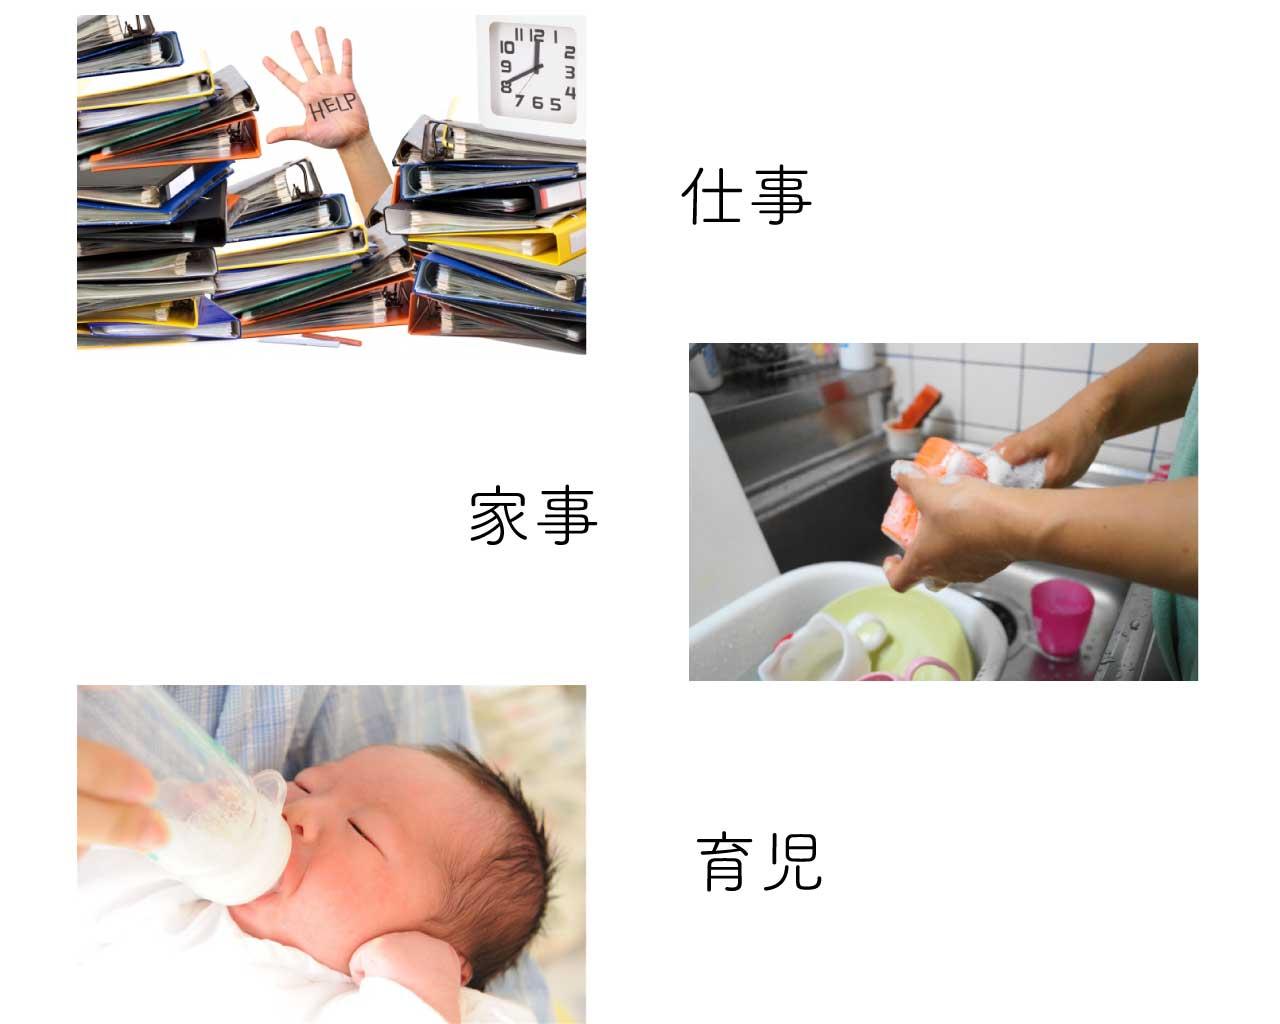 現代人は、仕事に家事、育児といつだって予定がいっぱい。